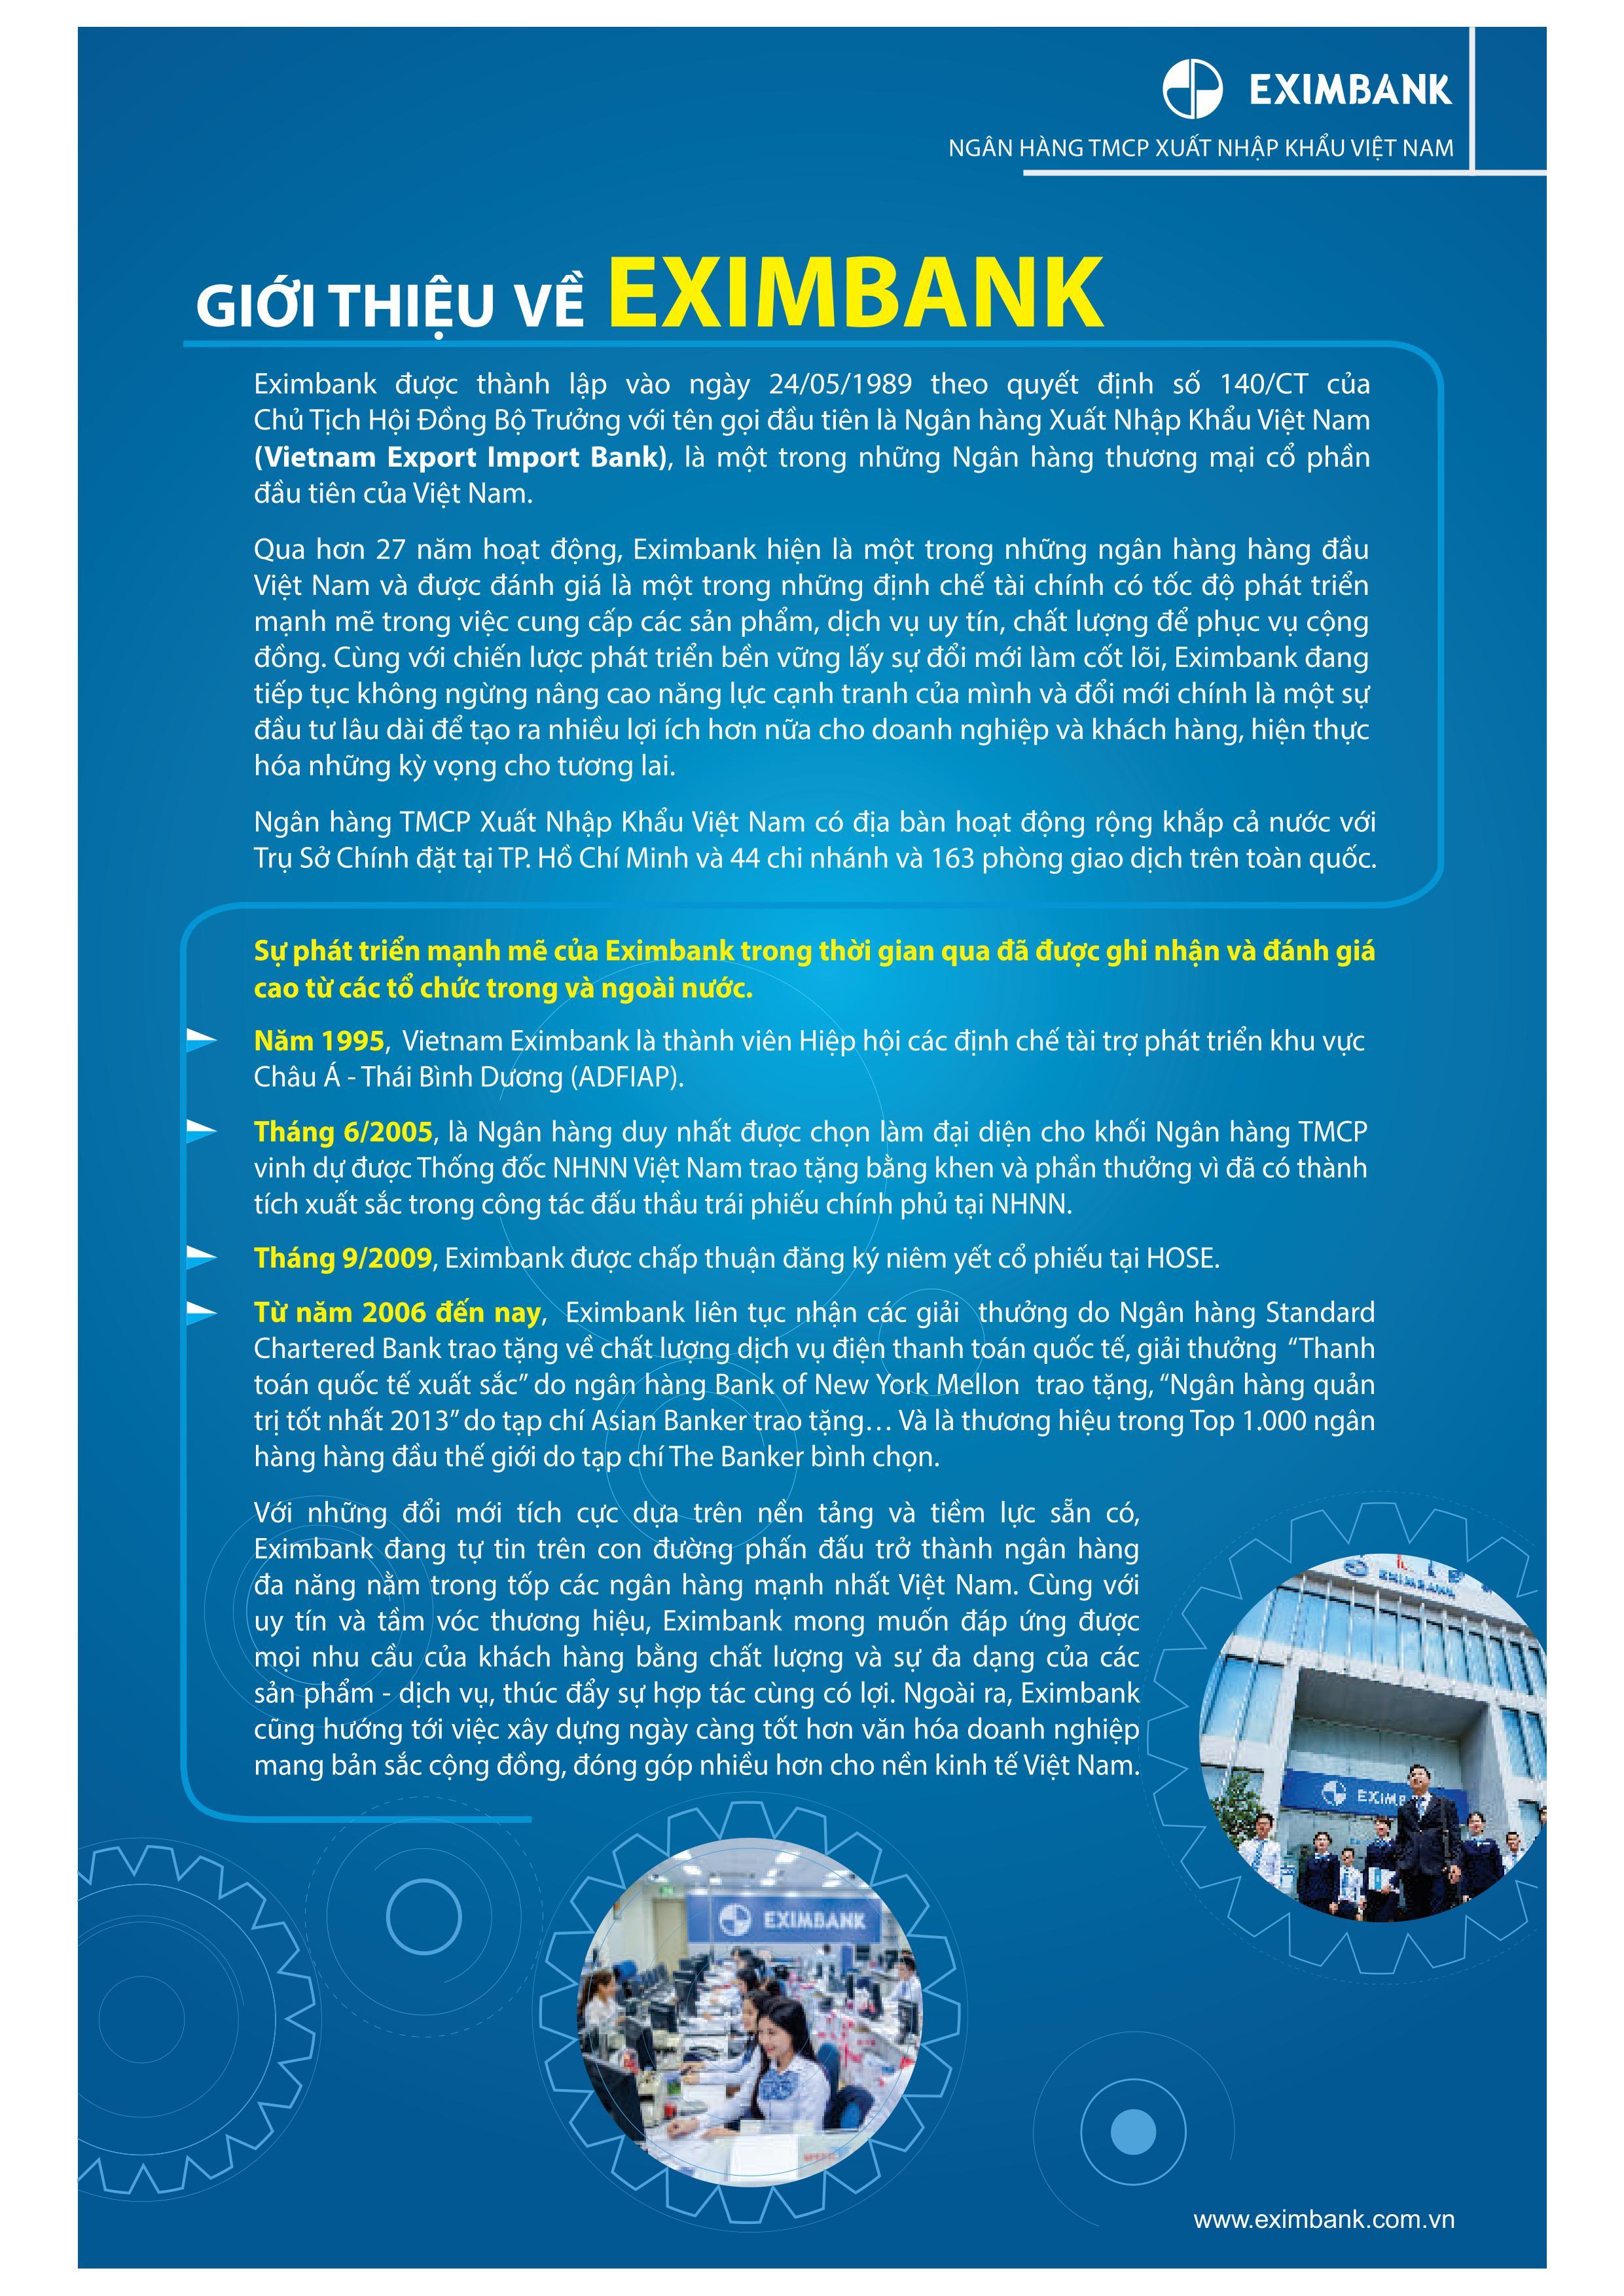 Ngân hàng TMCP Xuất nhập khẩu Việt Nam